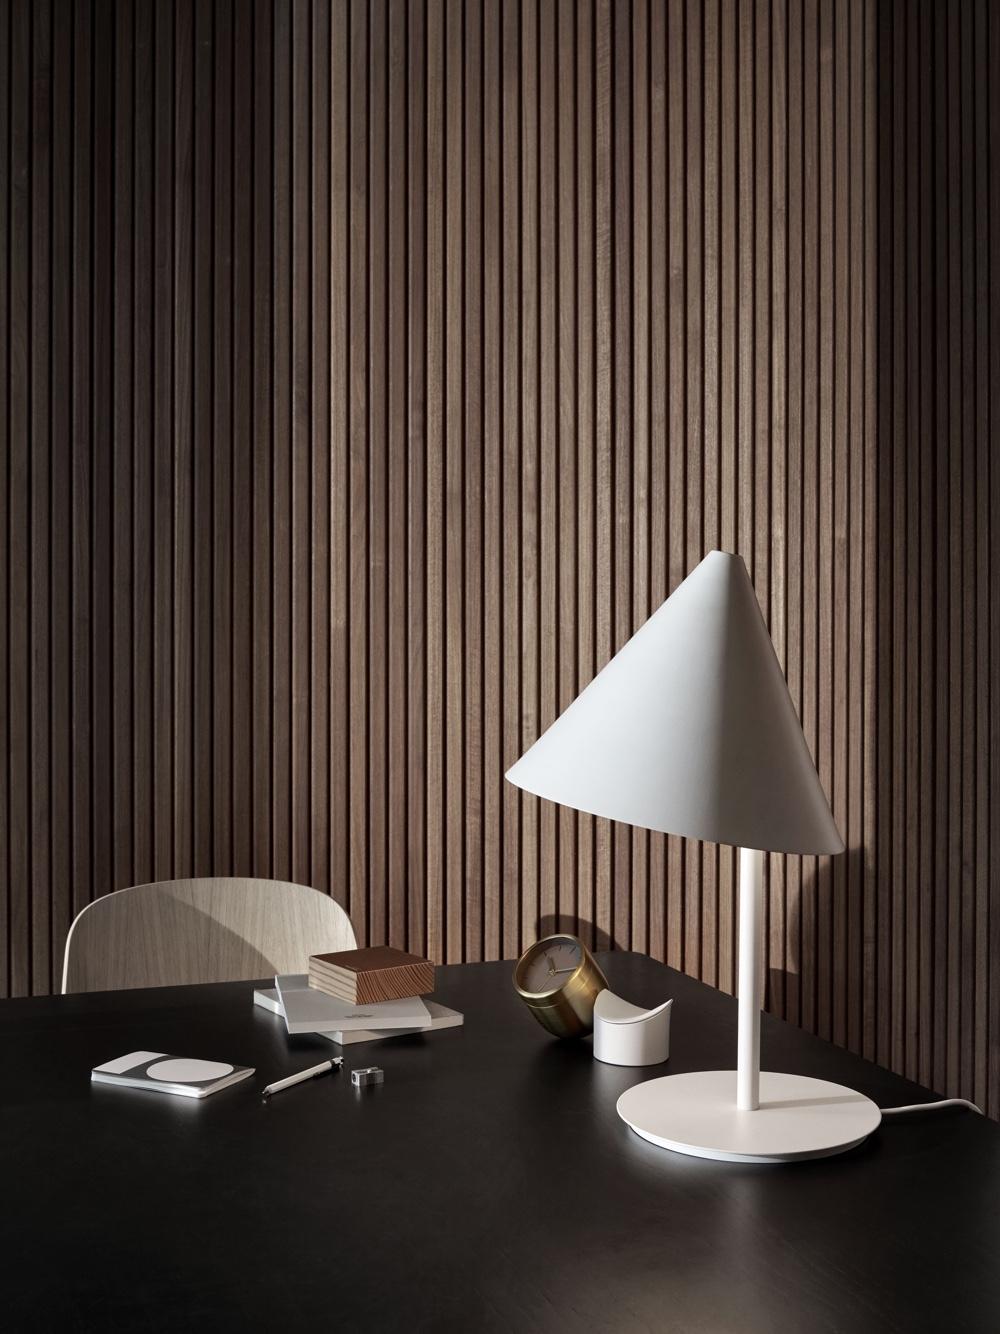 Принципы модернизма - столик с лампой